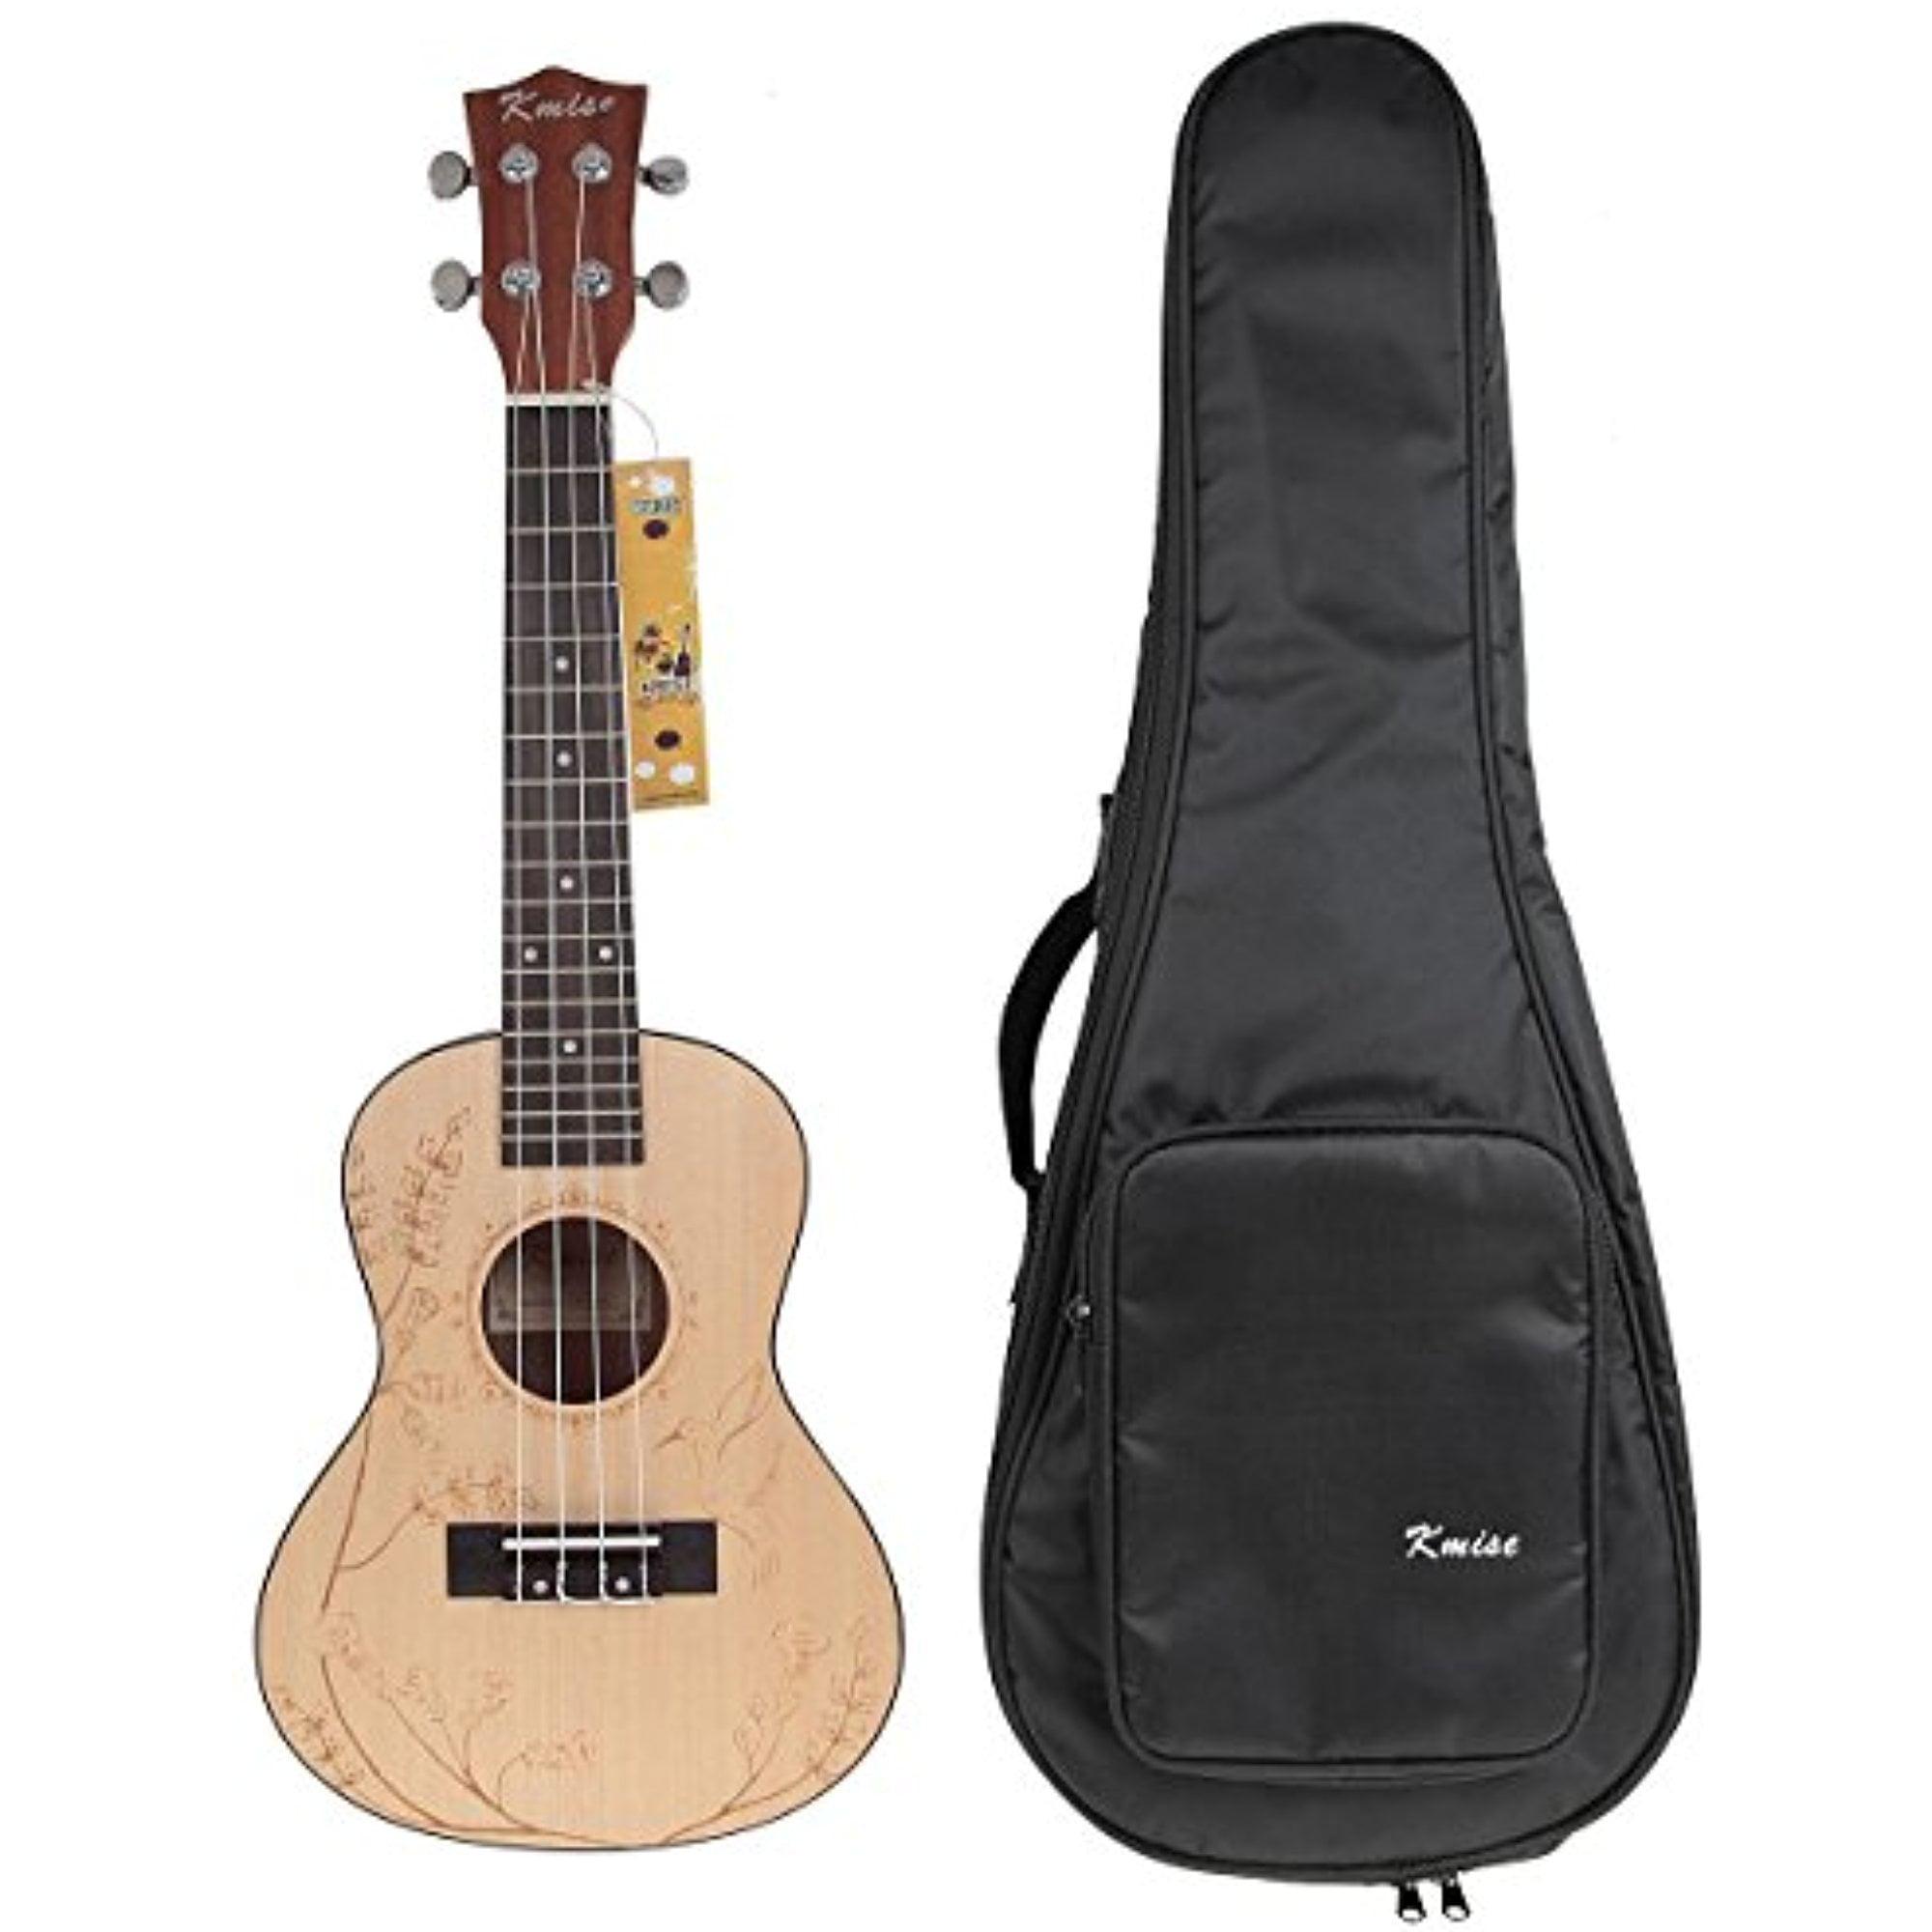 Kmise Solid Spruce Ukulele Concert Ukelele Kit with Bag 23 inch Uke Hawaii Guitar by Kmise